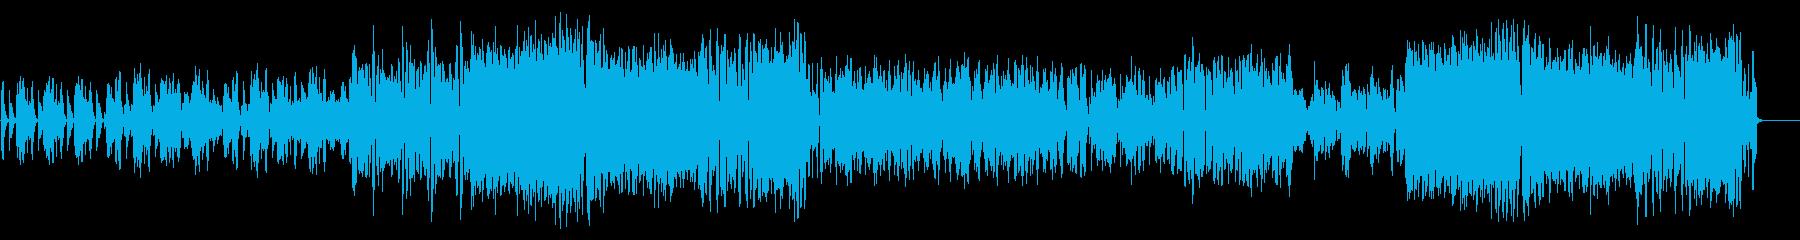 メロディーがポップなダンスミュージックの再生済みの波形